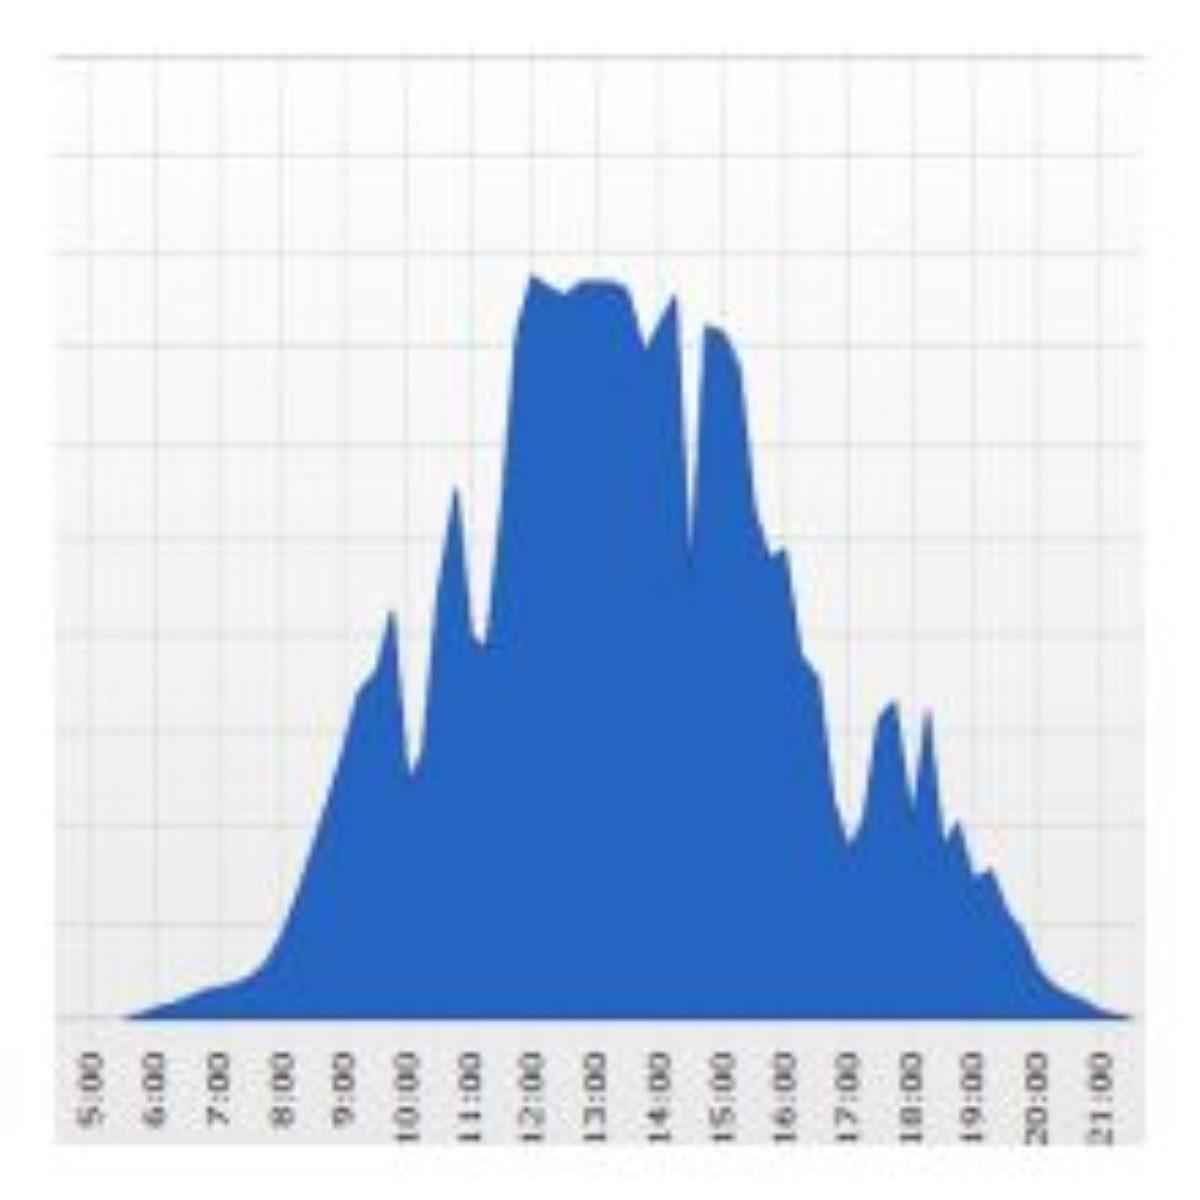 Spreadsheet Opbrengst Zonnepanelen Within Zonneenergie Opbrengst Meten Met Monitoring.  Zonneenergie.eu